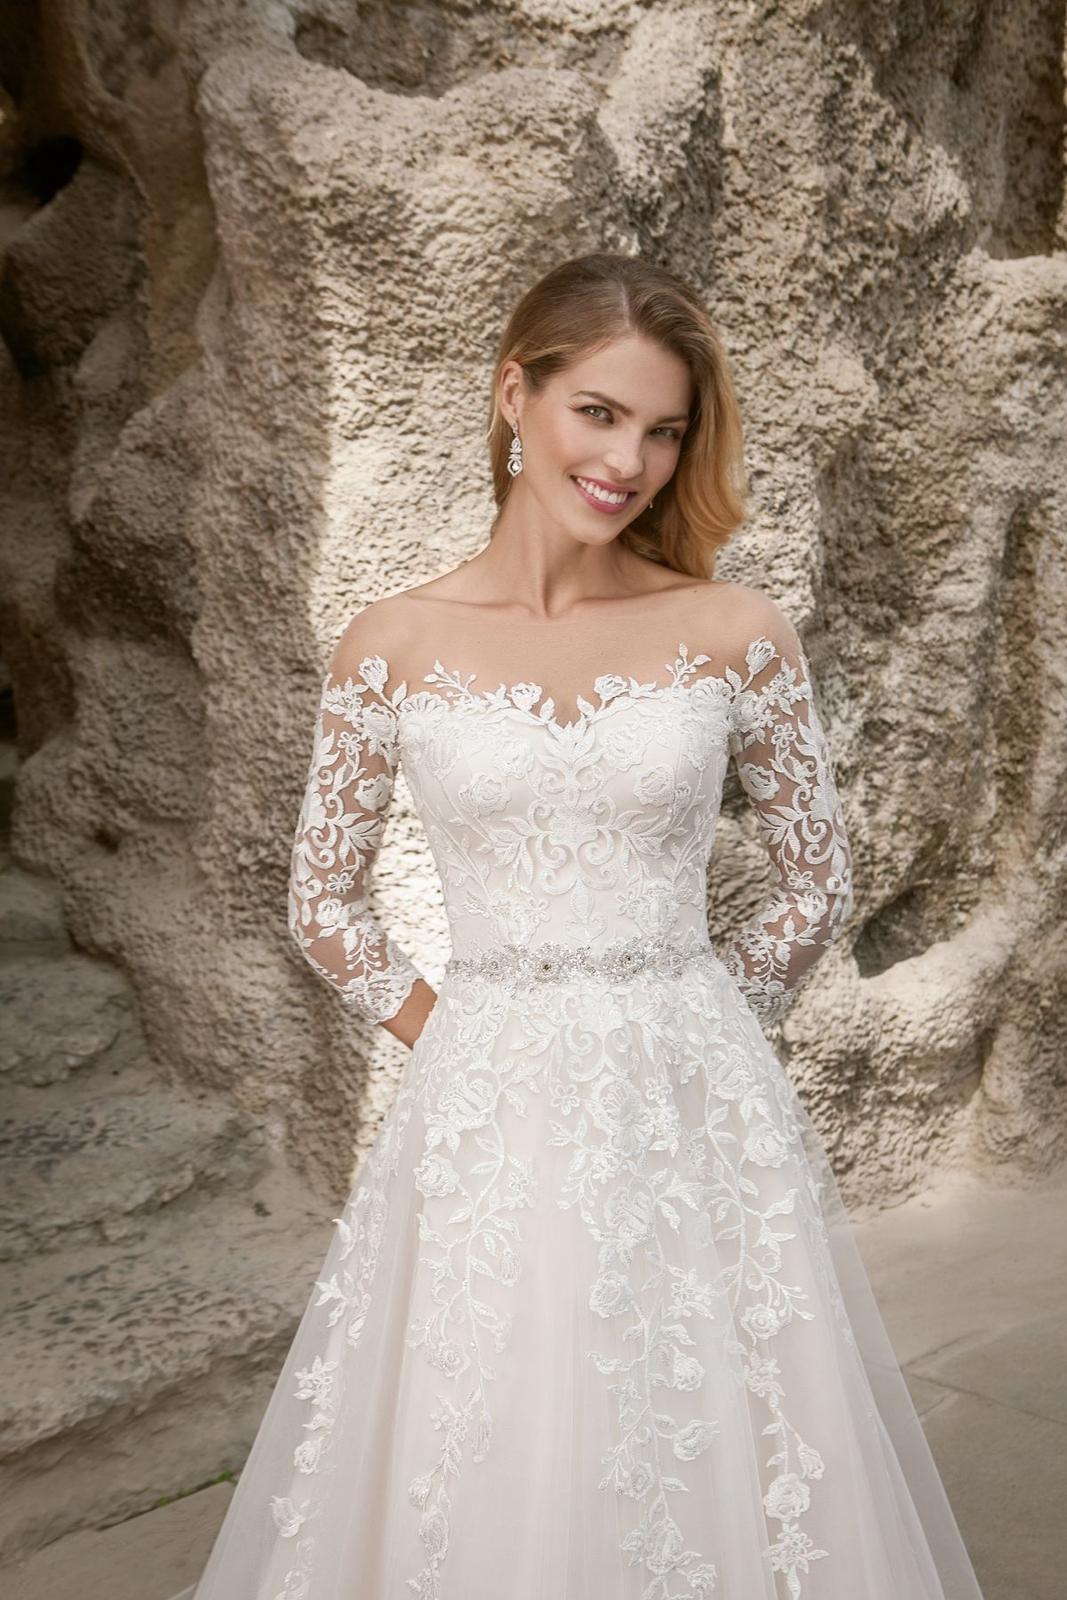 Eva Grandes princeznovské svatební šaty - Constance z blízka svatební šaty v boho stylu